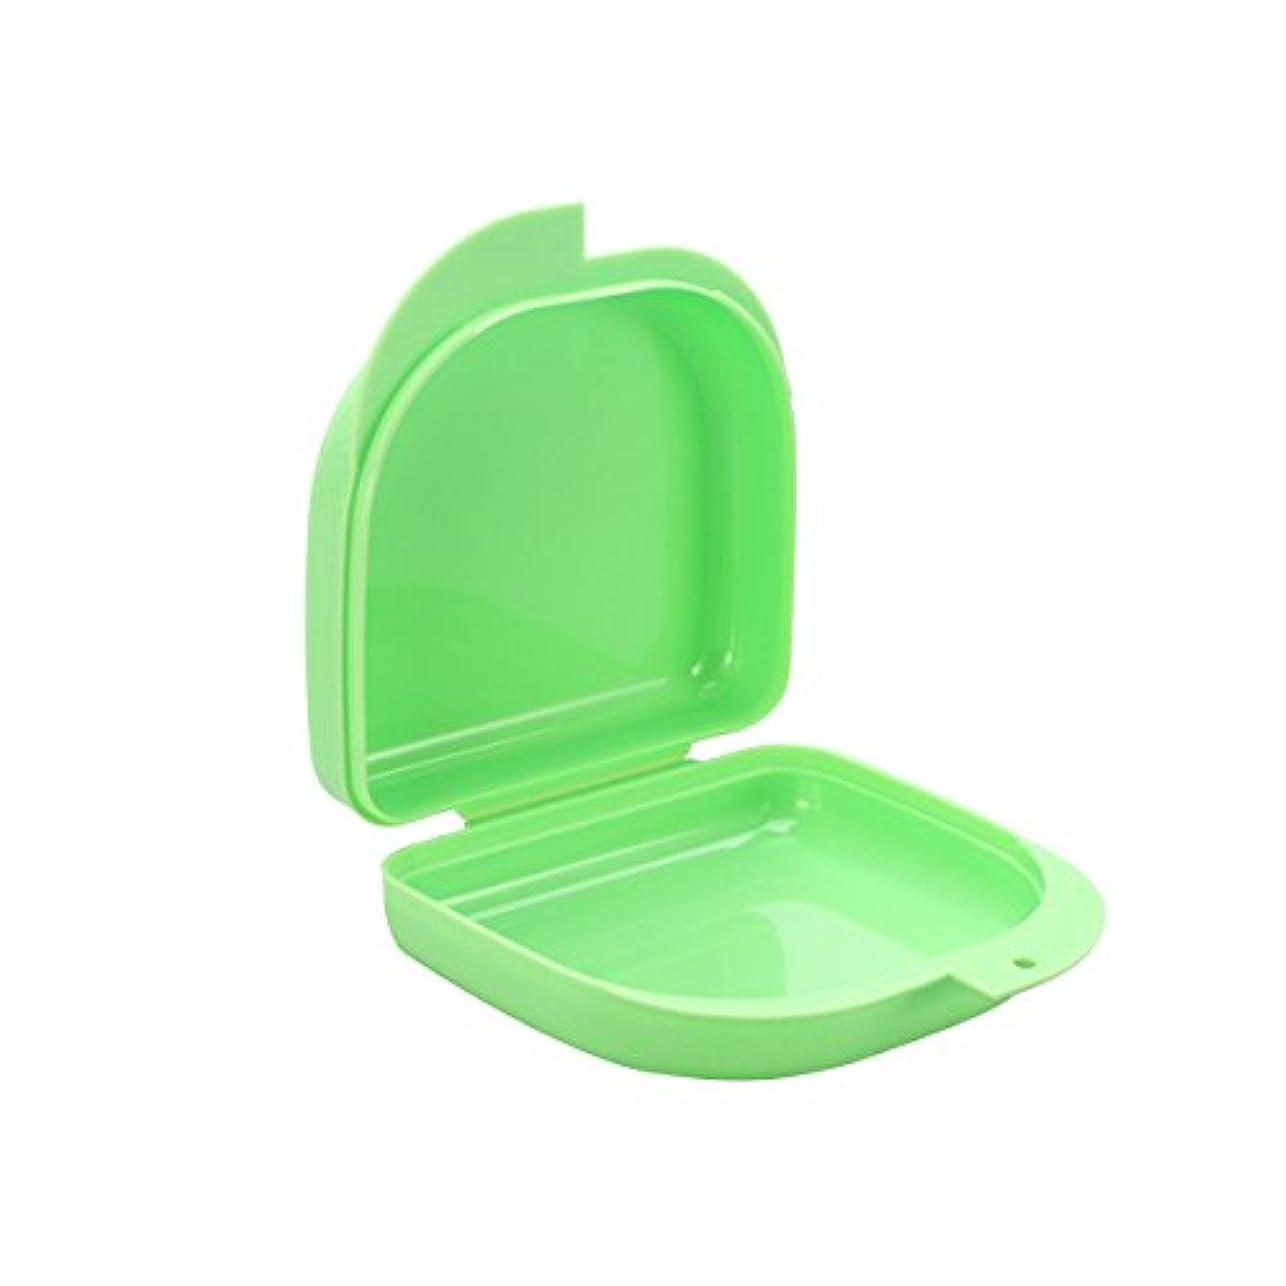 宗教ゲーム崩壊ROSENICE 義歯ケース口ガードケース義歯ボックス義歯収納容器(緑)